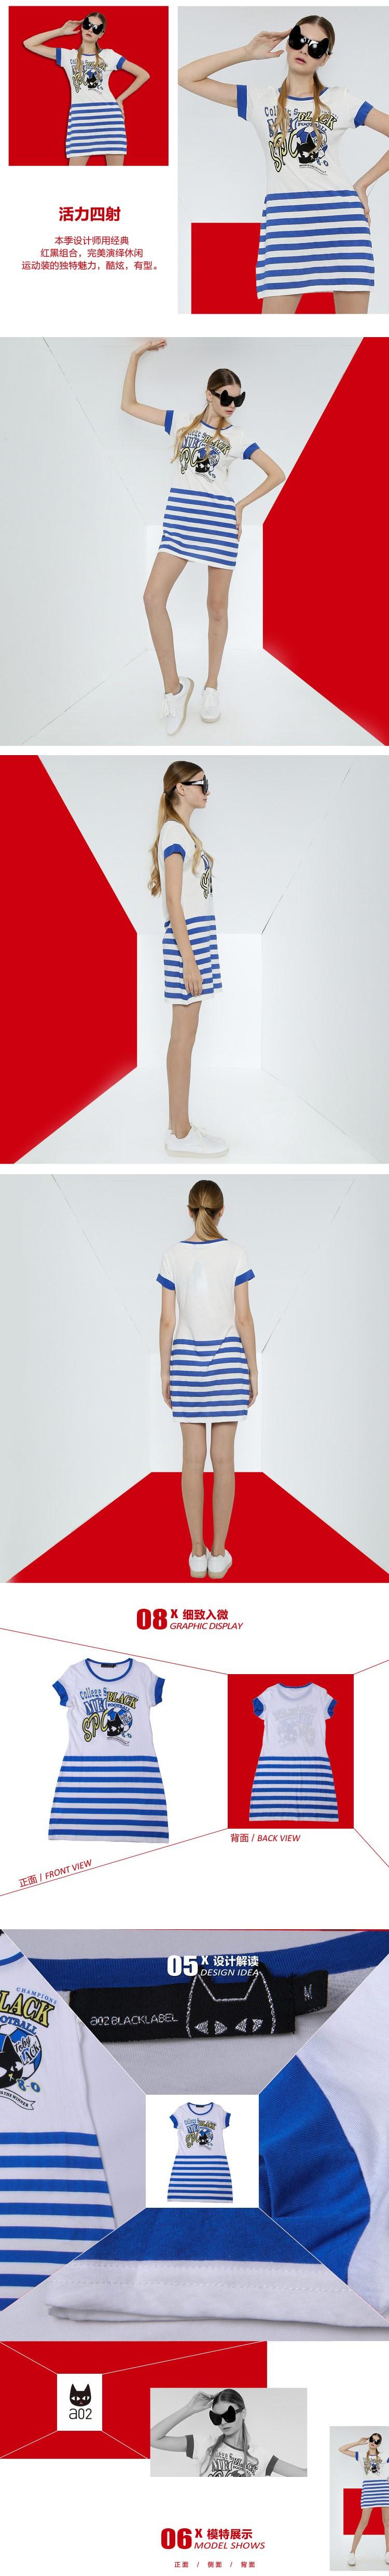 海蓝/白色个性时尚经典横条拼接字母印花连衣裙